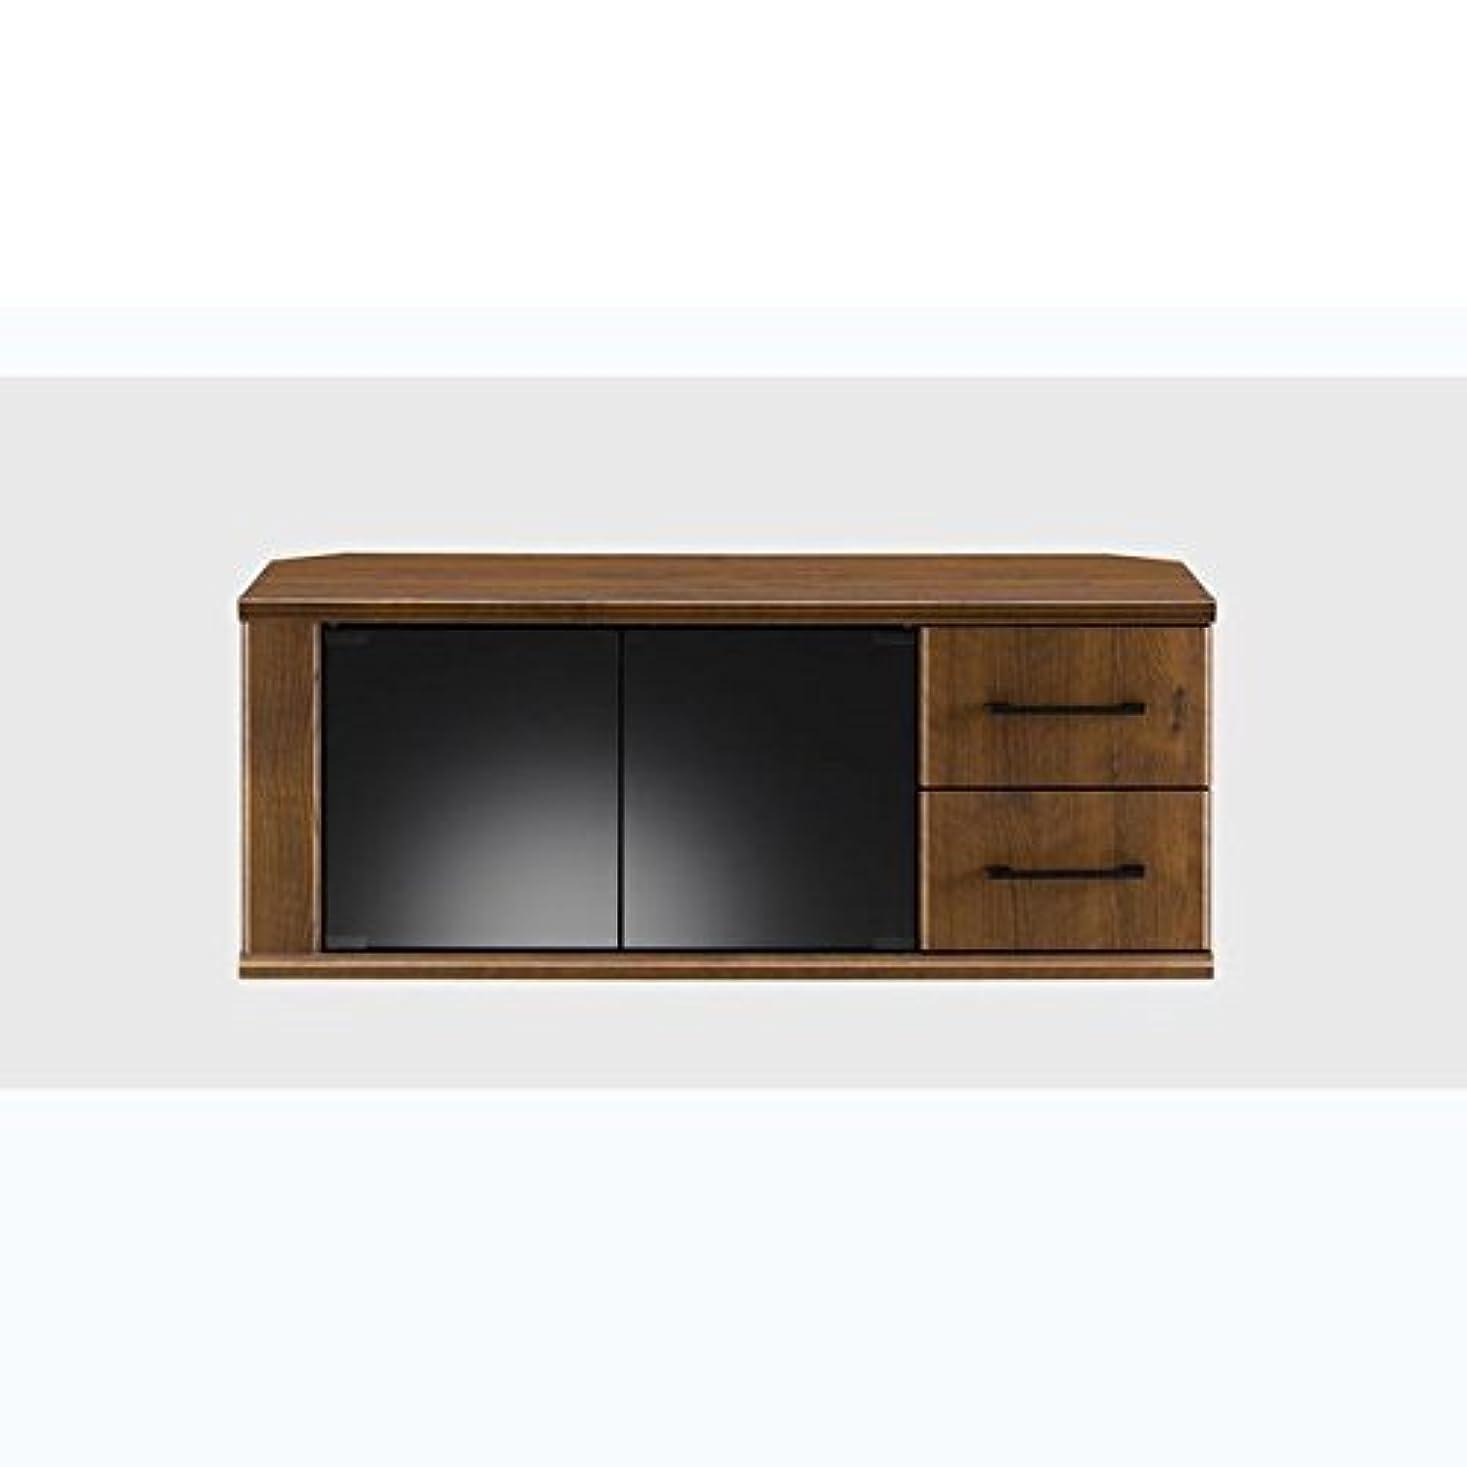 なしで大声で実際に朝日木材加工 テレビ台 HJ style 43型 幅96.5㎝ ブラウン 収納付き キャスター付き AS-HJ970-MB